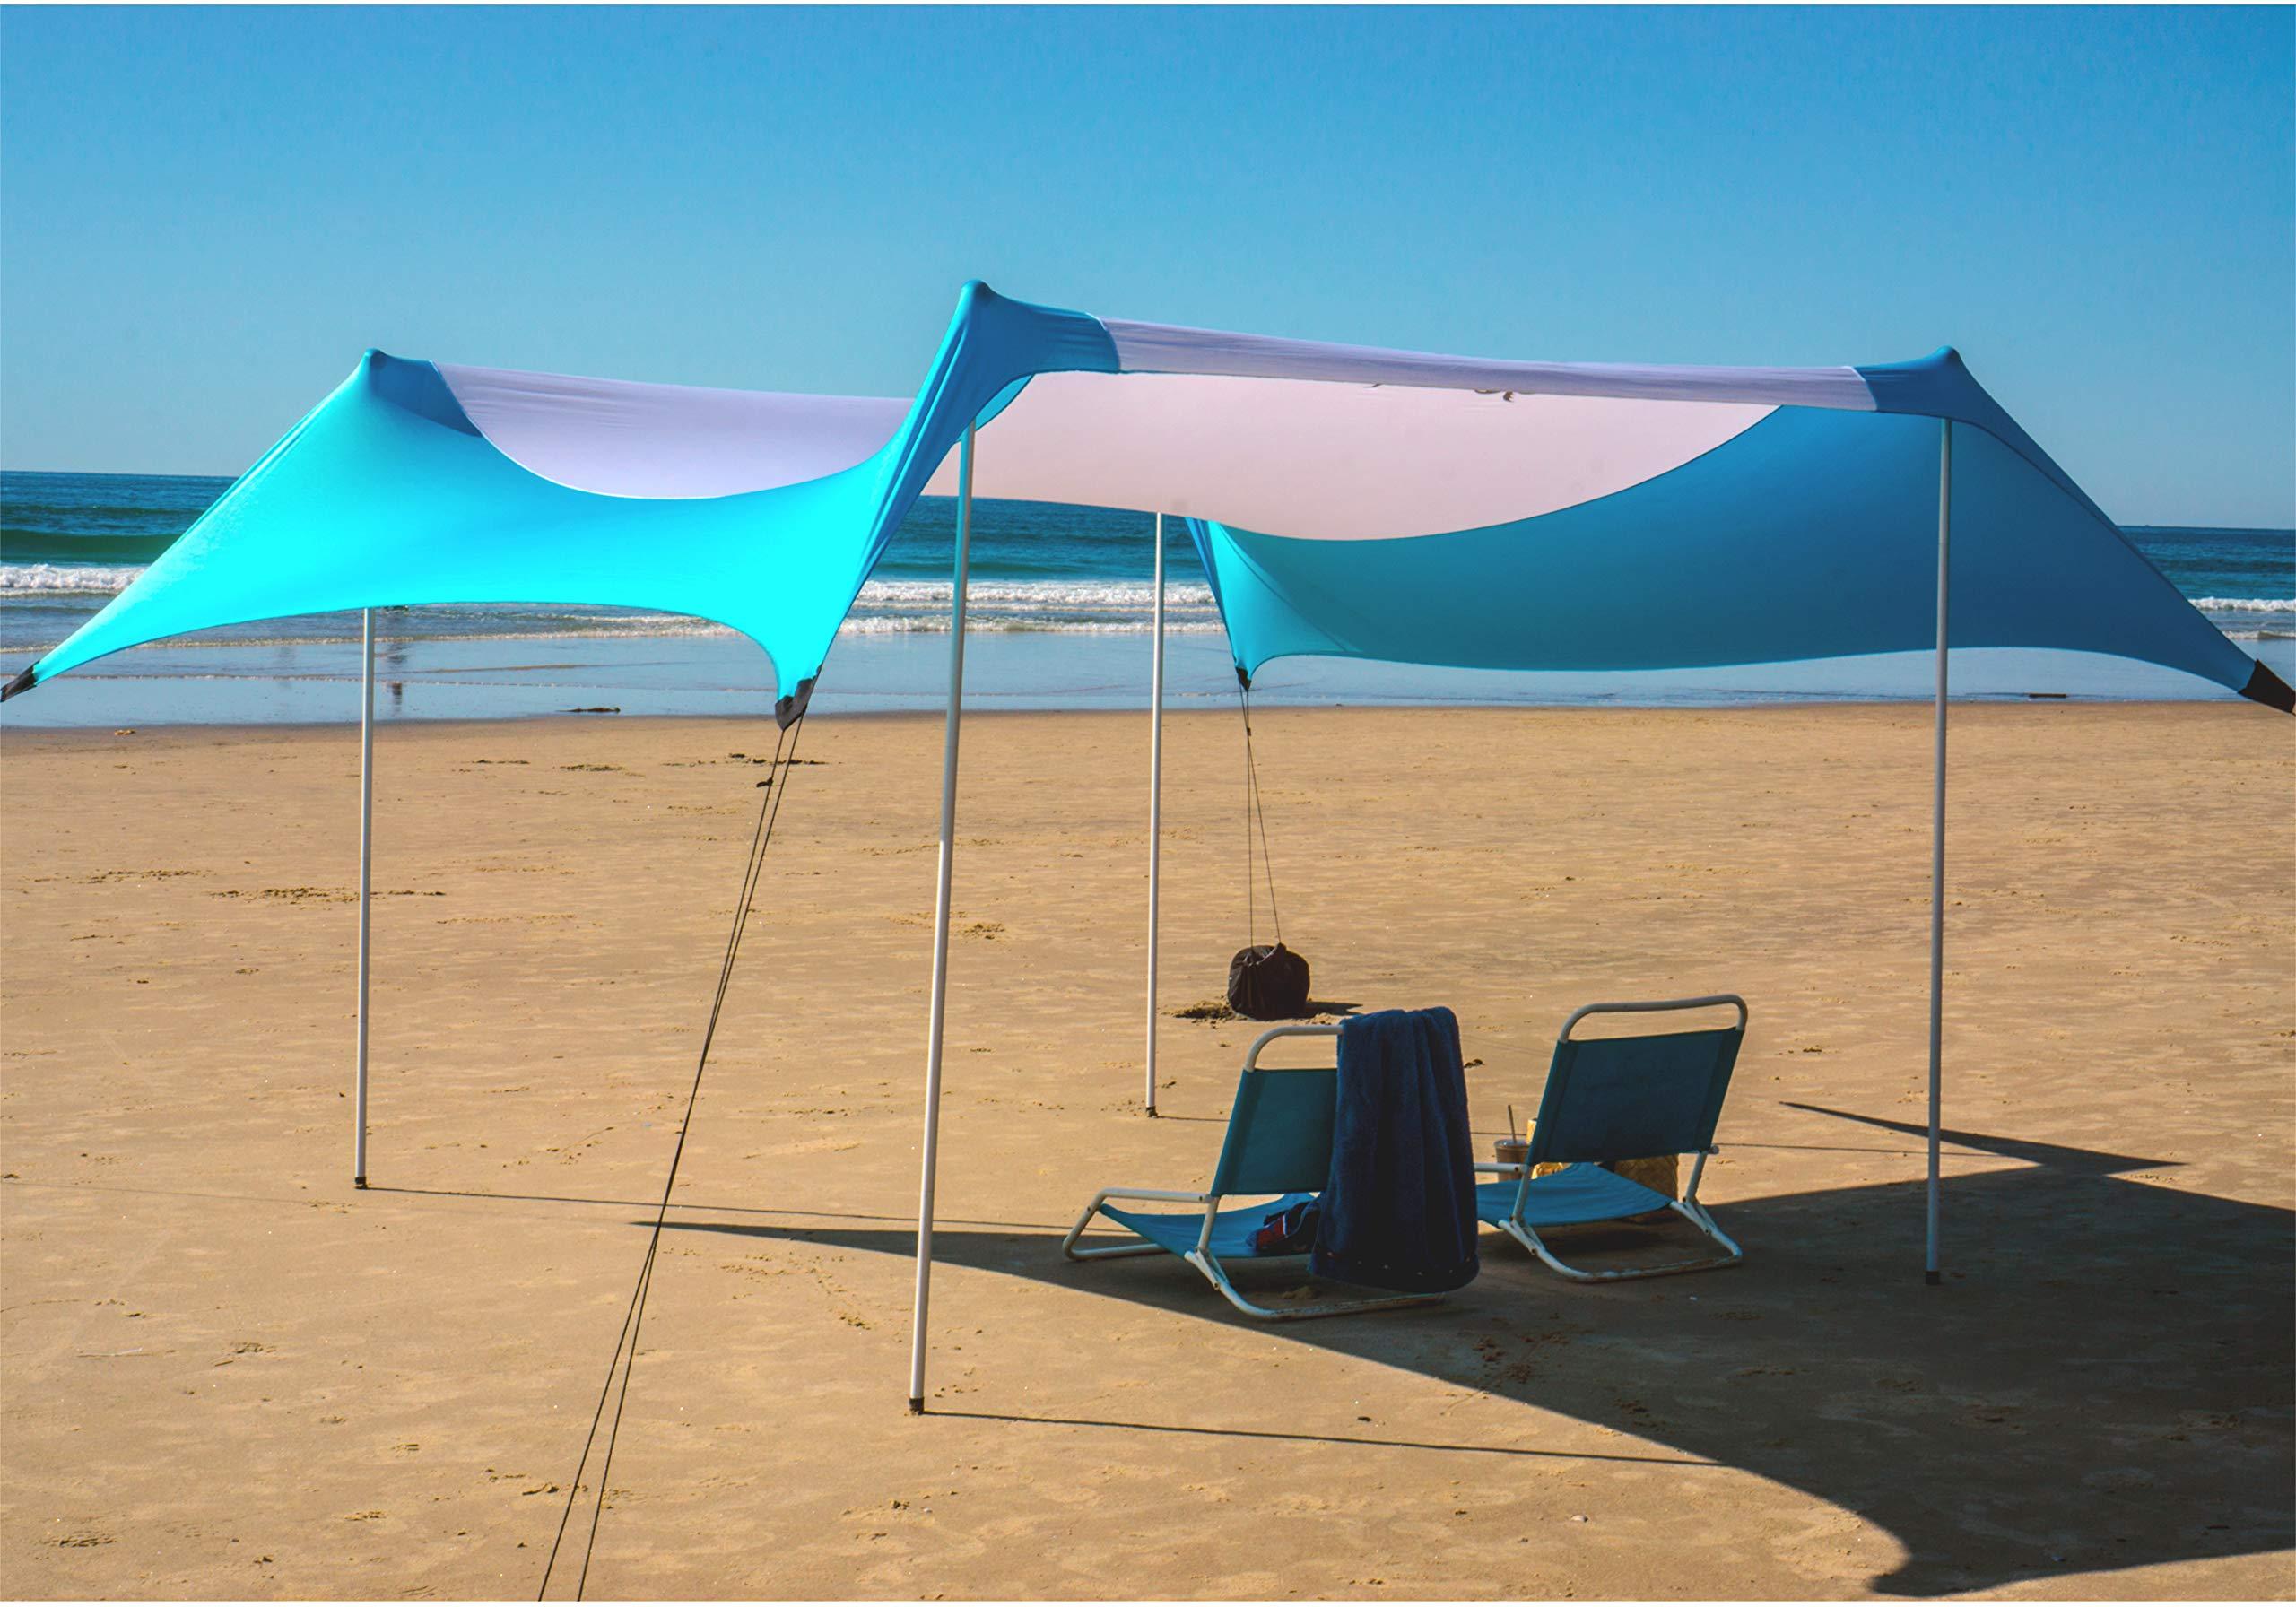 Fofana Cabana Beach Canopy - 10x10 Foot Beach Shade | Beach Tent with Sandbag Anchor | Extra Large Family Size Beach Sun Shelter with 4 Poles | UV Protection UPF50 by Fofana